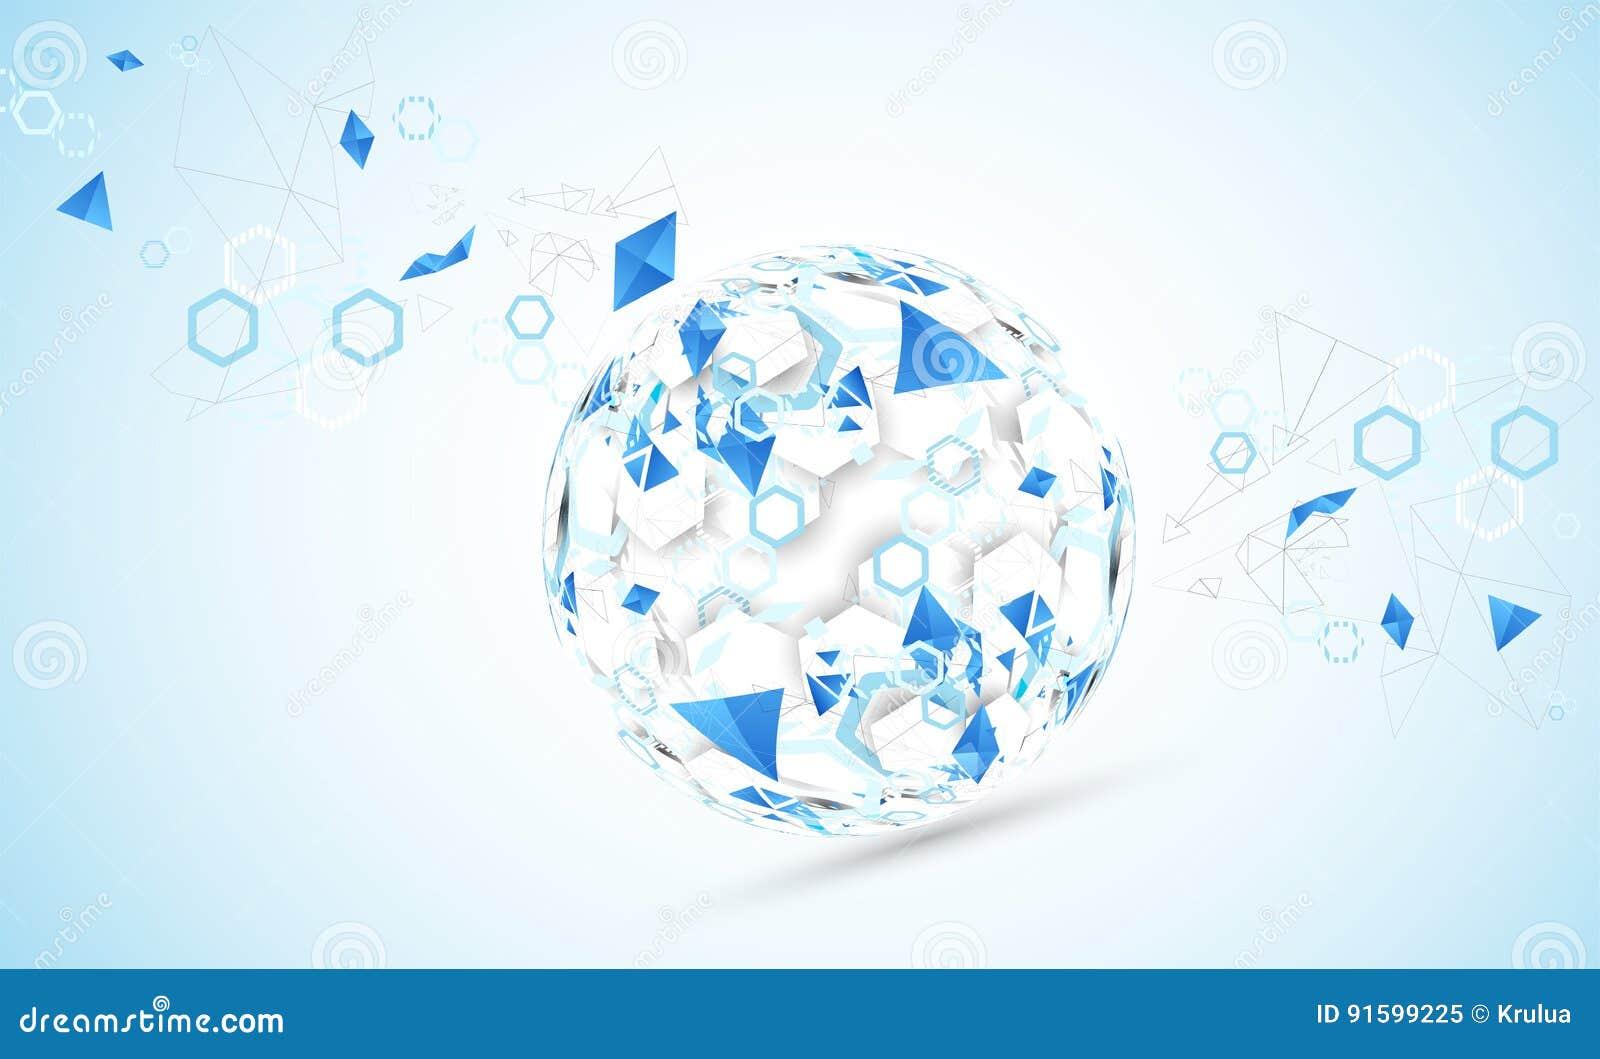 Fondo abstracto de la esfera de la tecnología Concepto de la red global